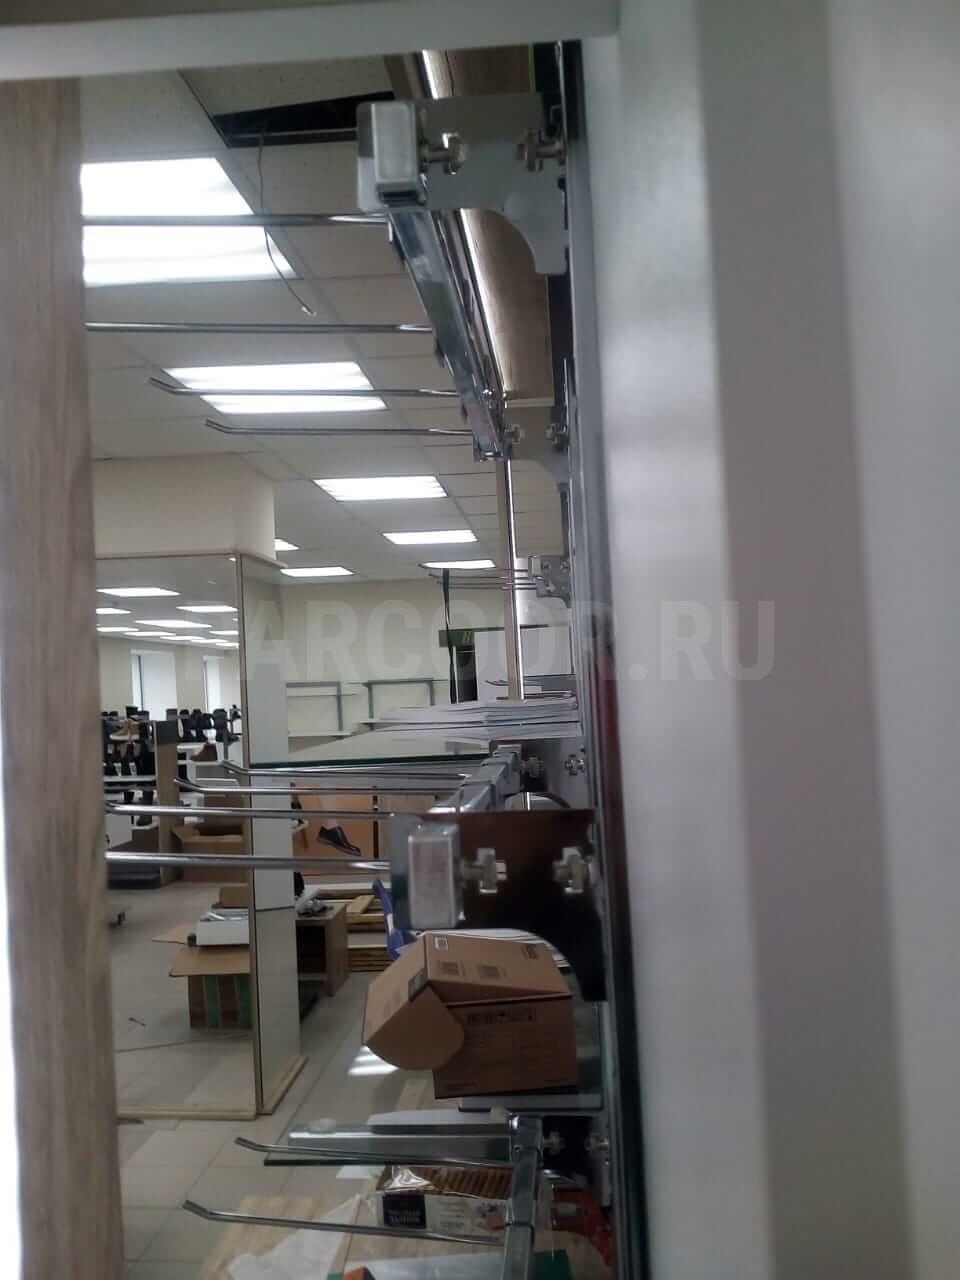 Для выкладки и хранения товаров изготовлены торговое и складское оборудование